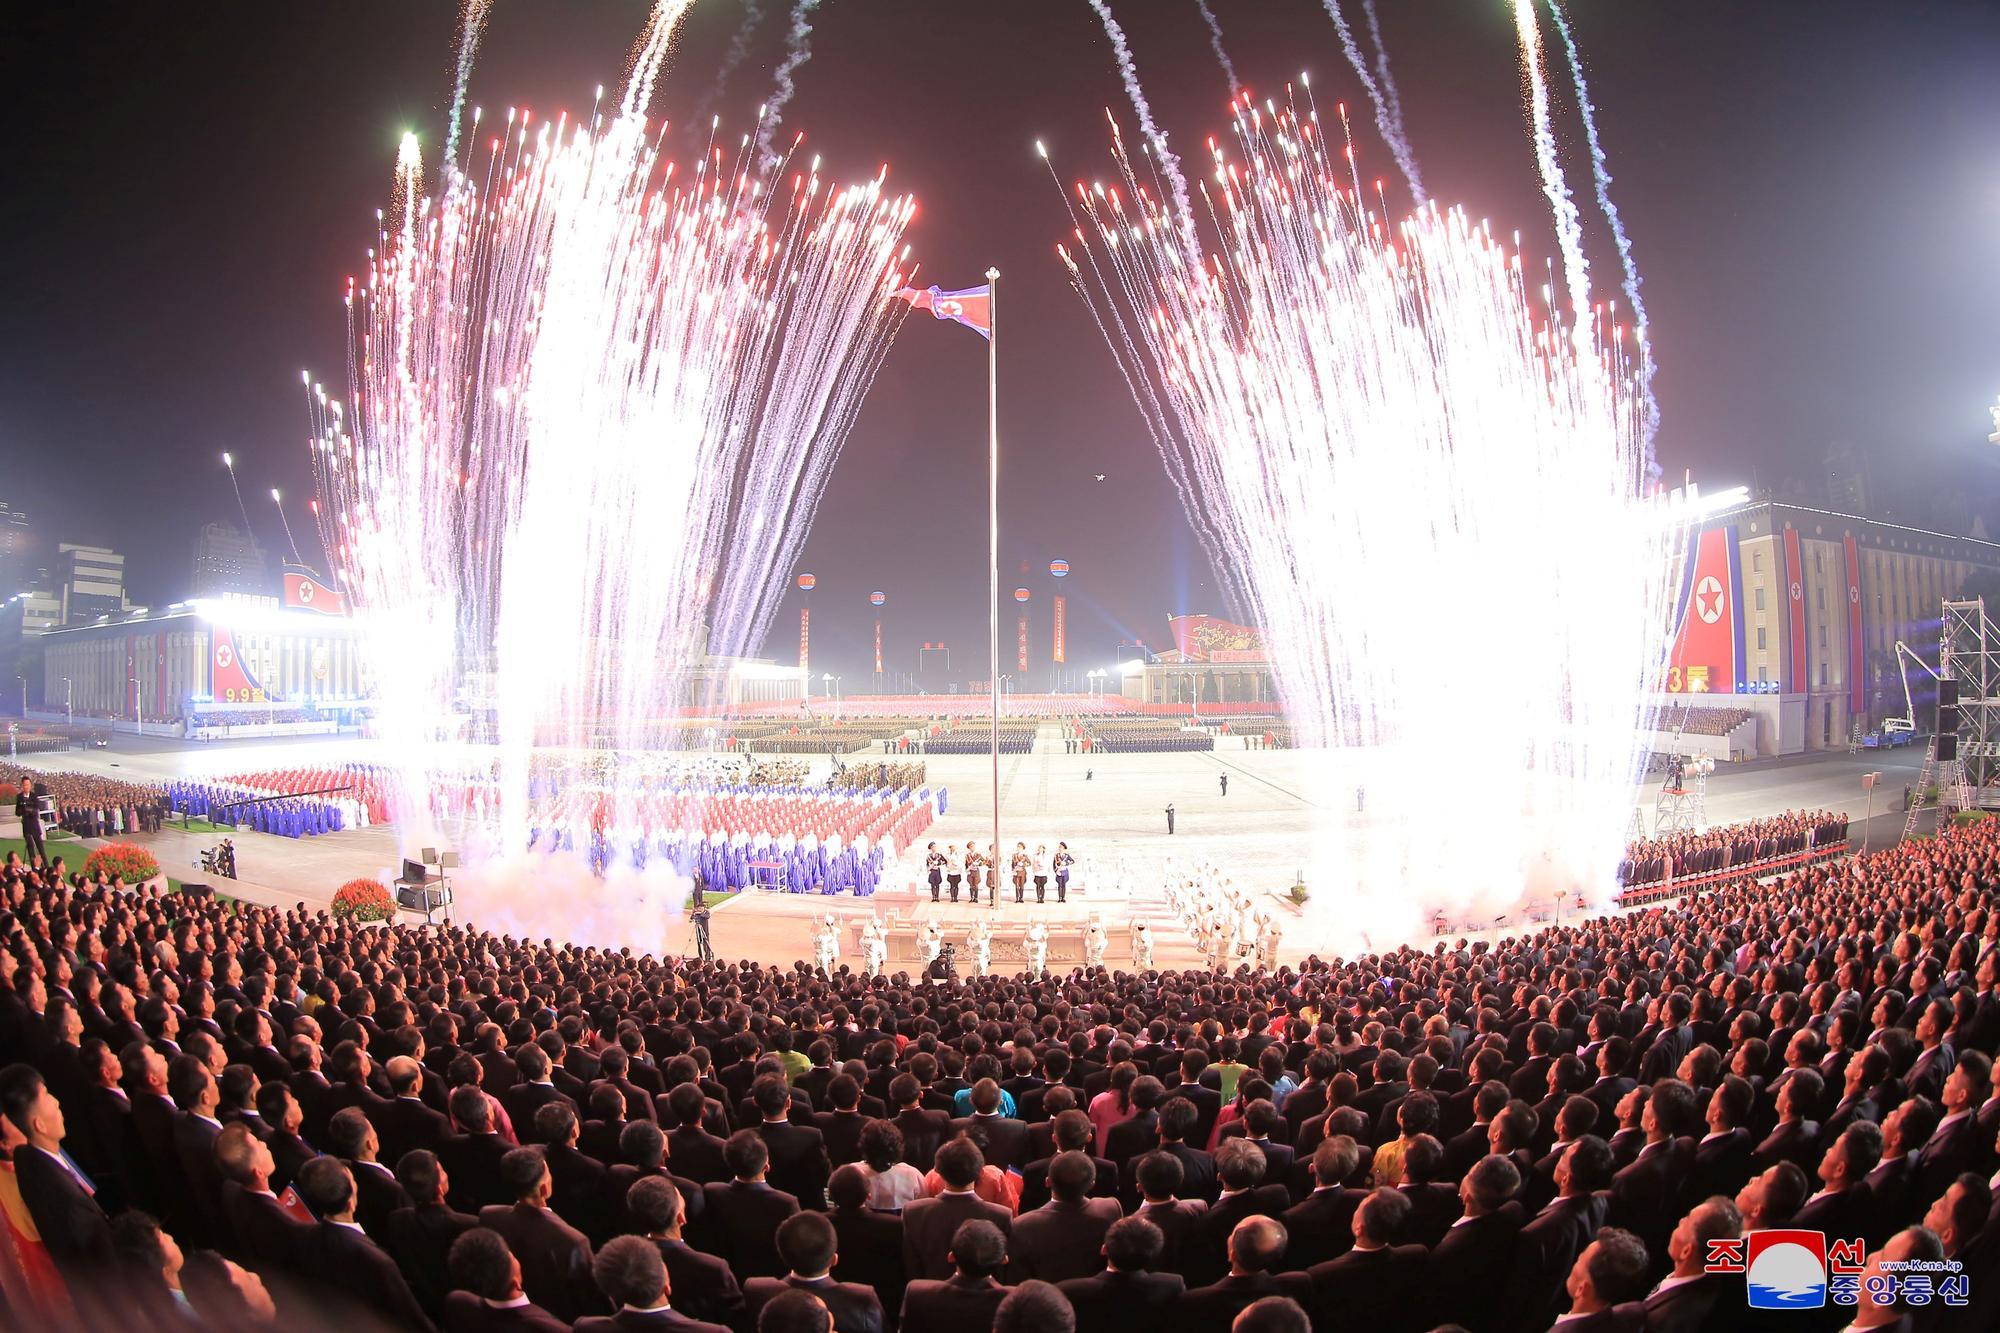 Desfile militar en Corea del Norte por el 73 aniversario del país